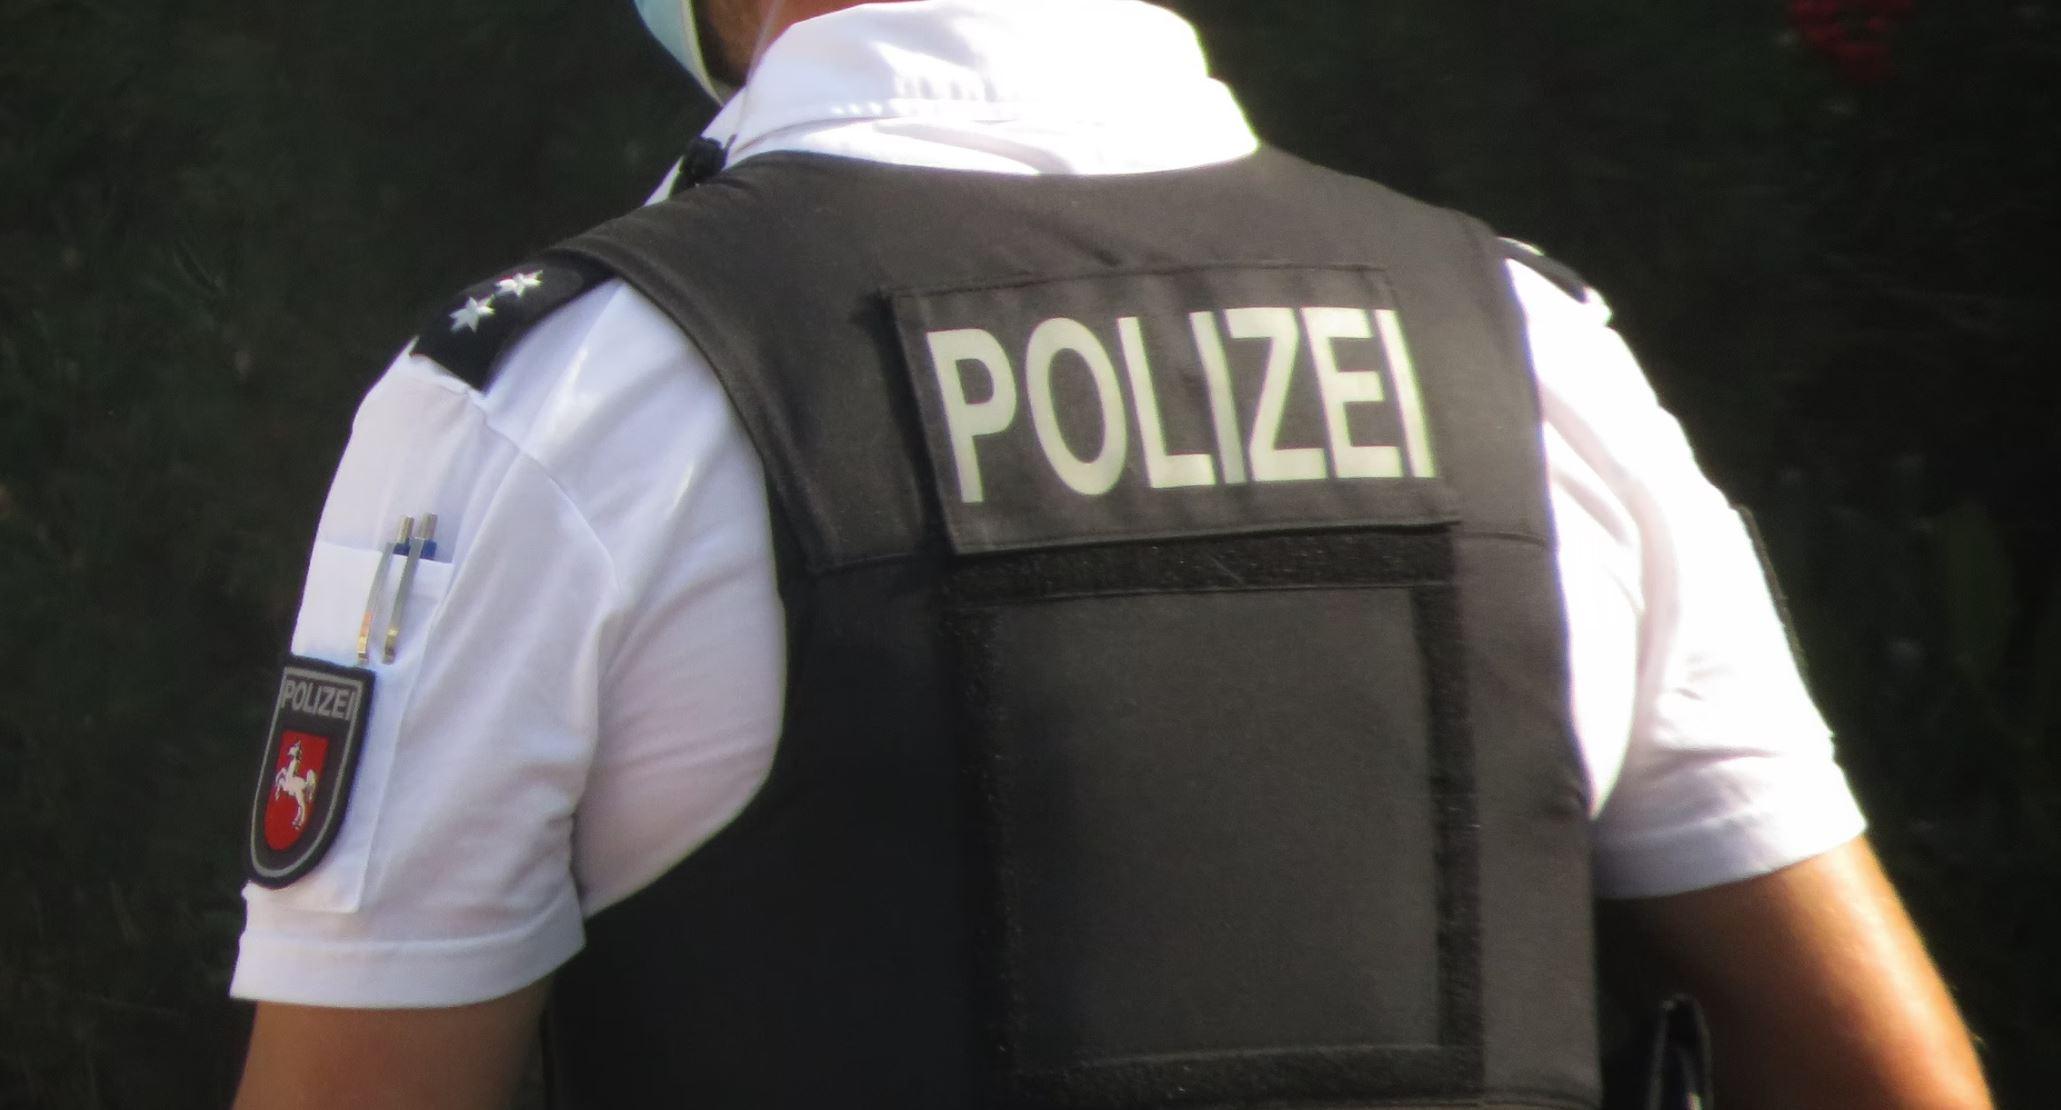 Begrenzungsleuchten sind polizeilich vorgeschrieben